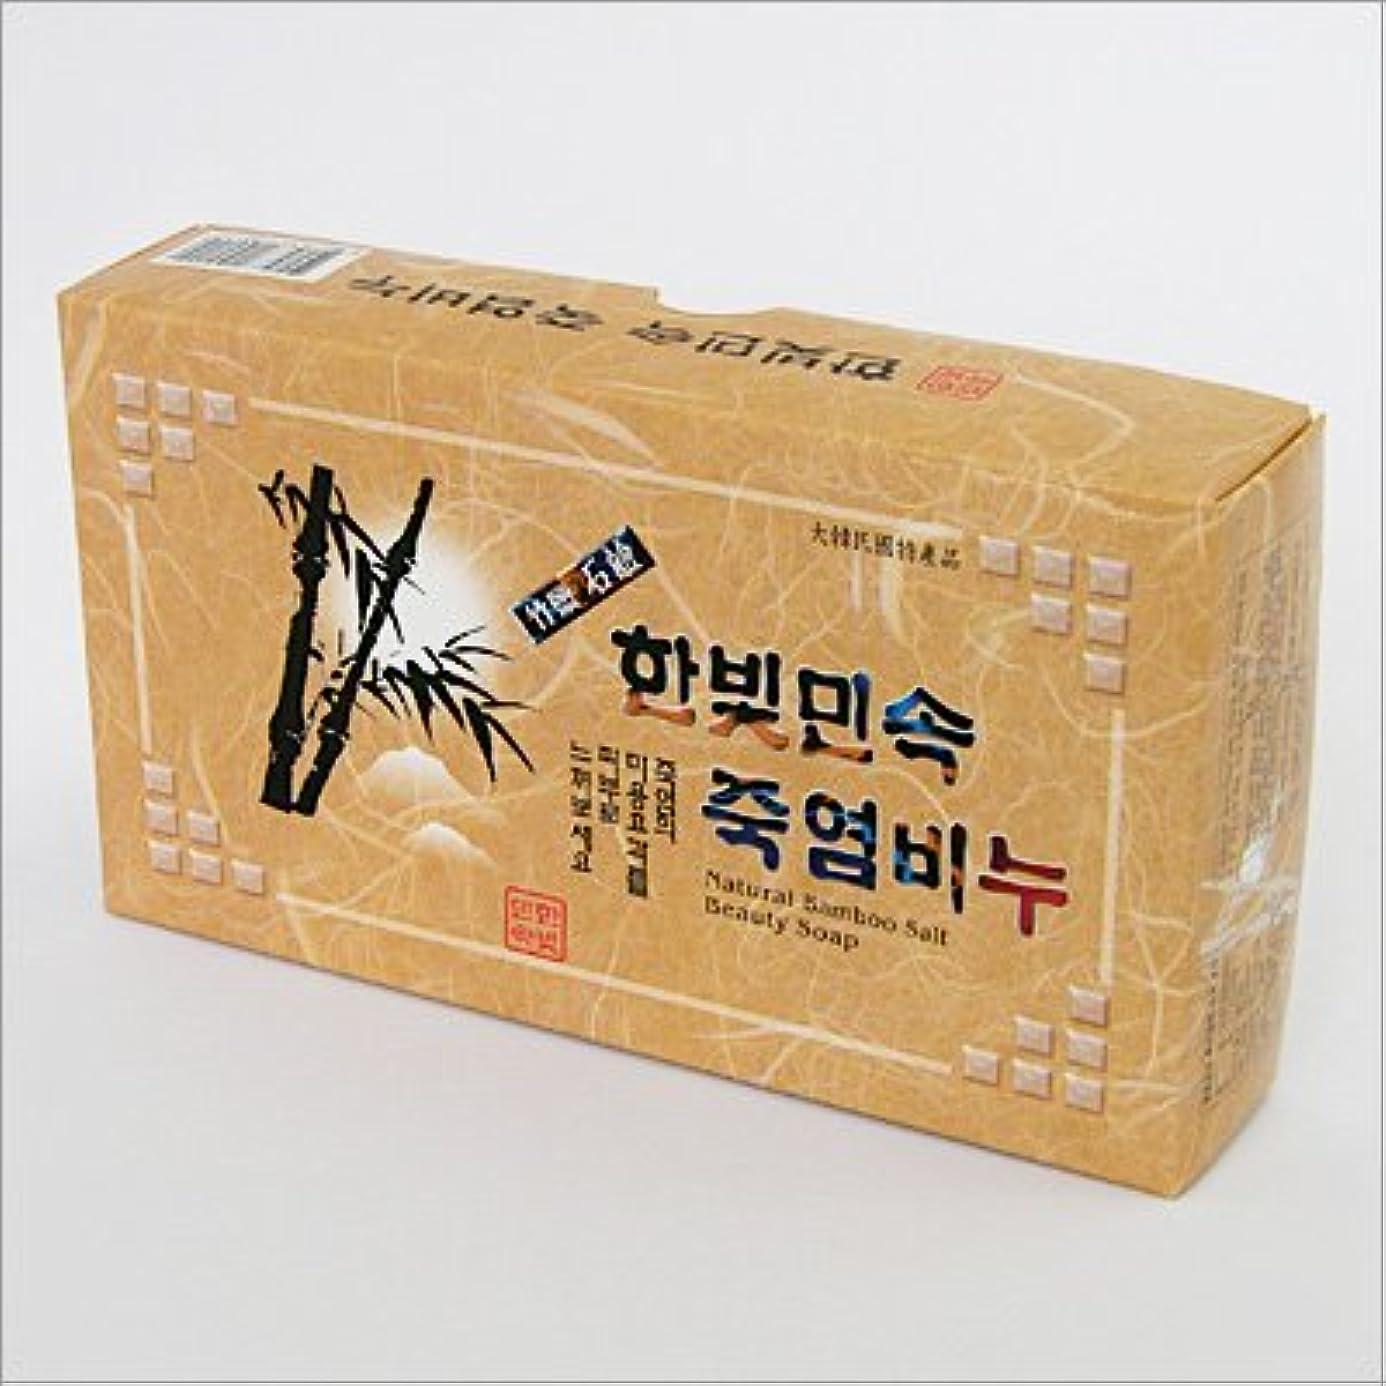 司教壁紙足(韓国ブランド) 韓国 竹塩石鹸(3個セット)